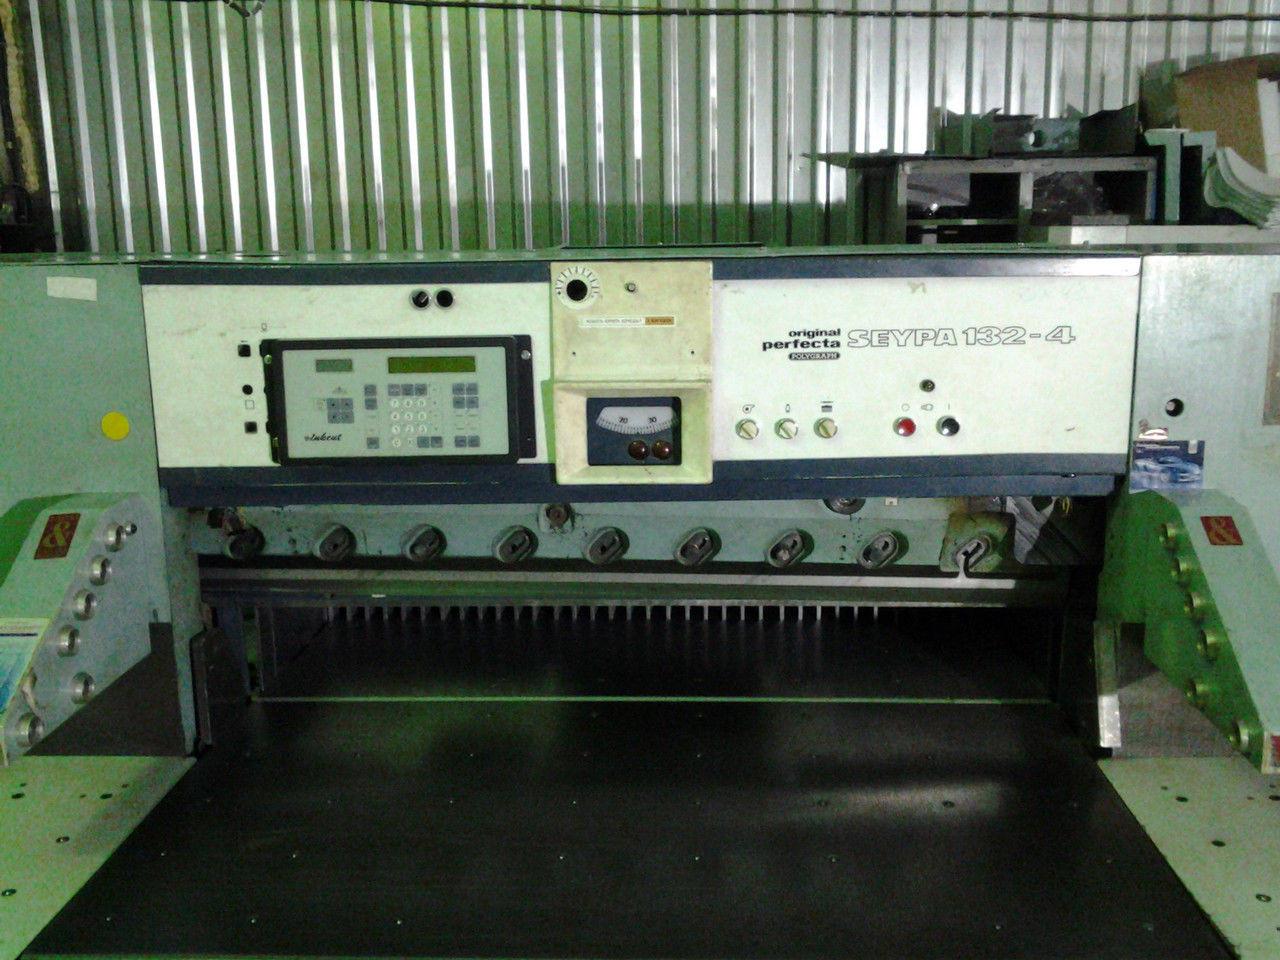 Perfecta Seypa 132-4: бу одноножевая бумагорезальная машина